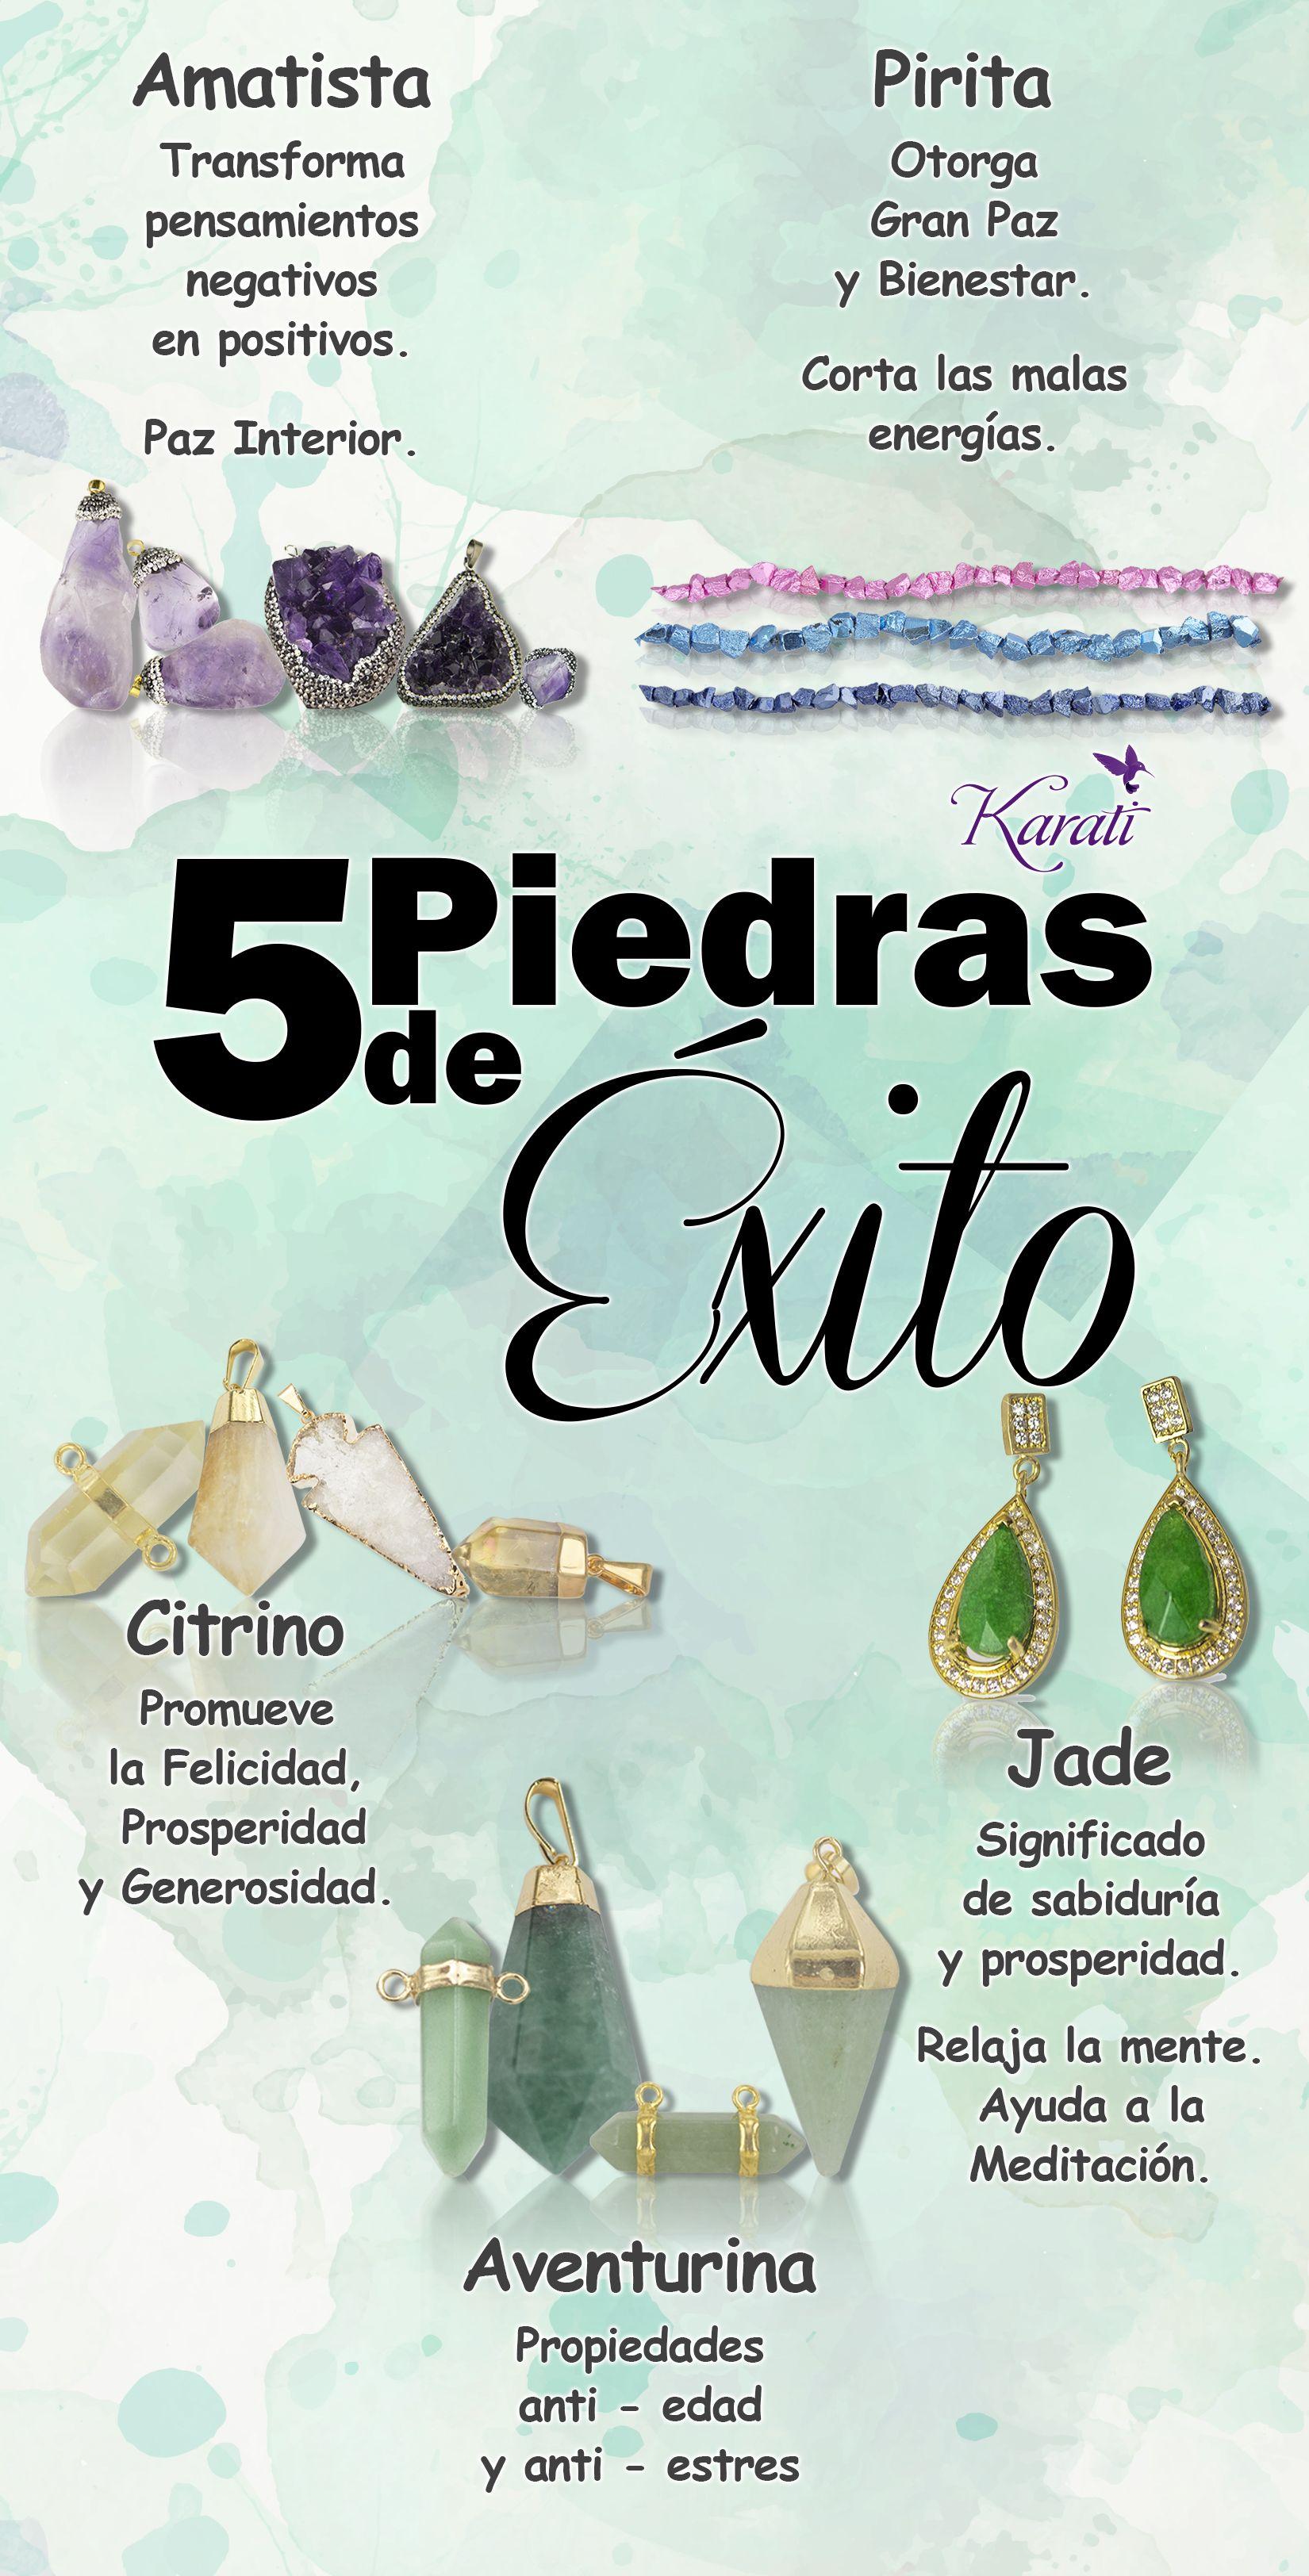 5 piedras de xito citrino amatista pirita jade - Propiedades piedras naturales ...